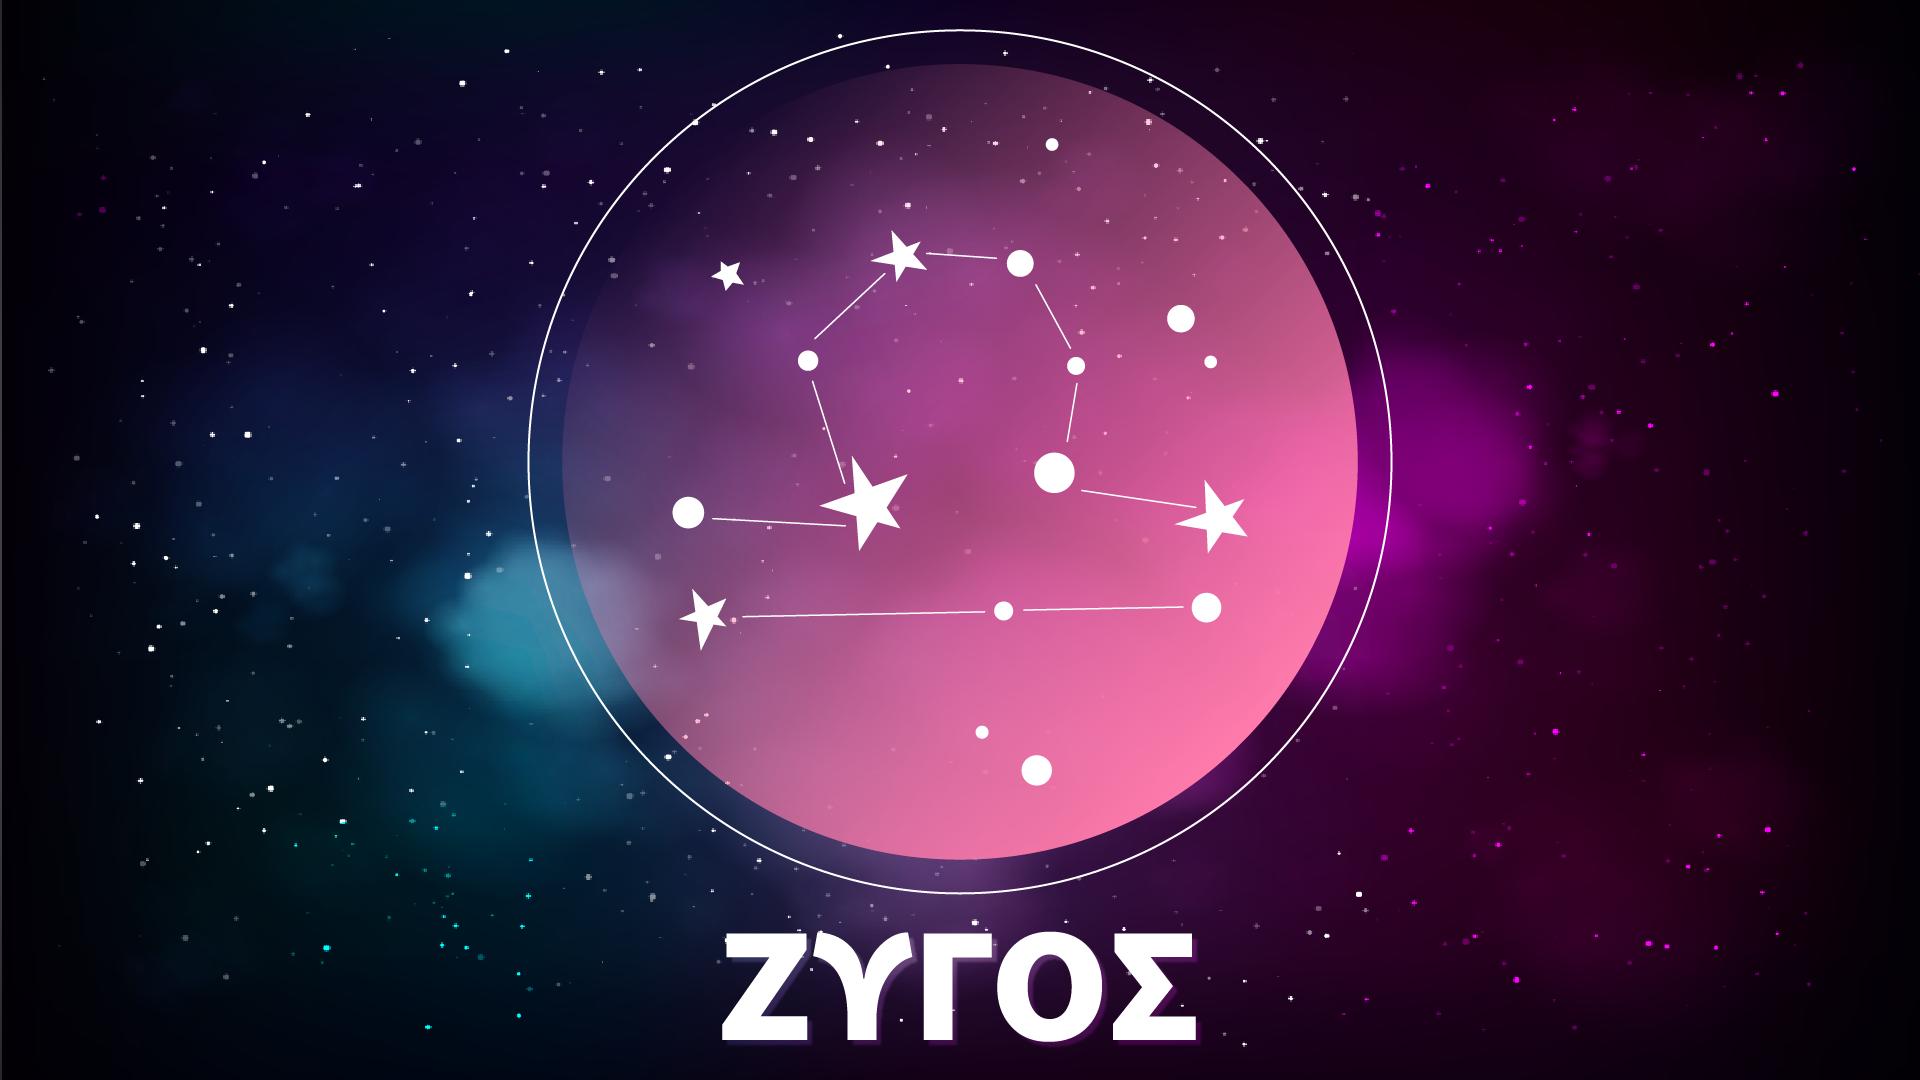 Ζυγός – Εβδομαδιαίες αστρολογικές προβλέψεις από 15/7 έως και 21/7/2019